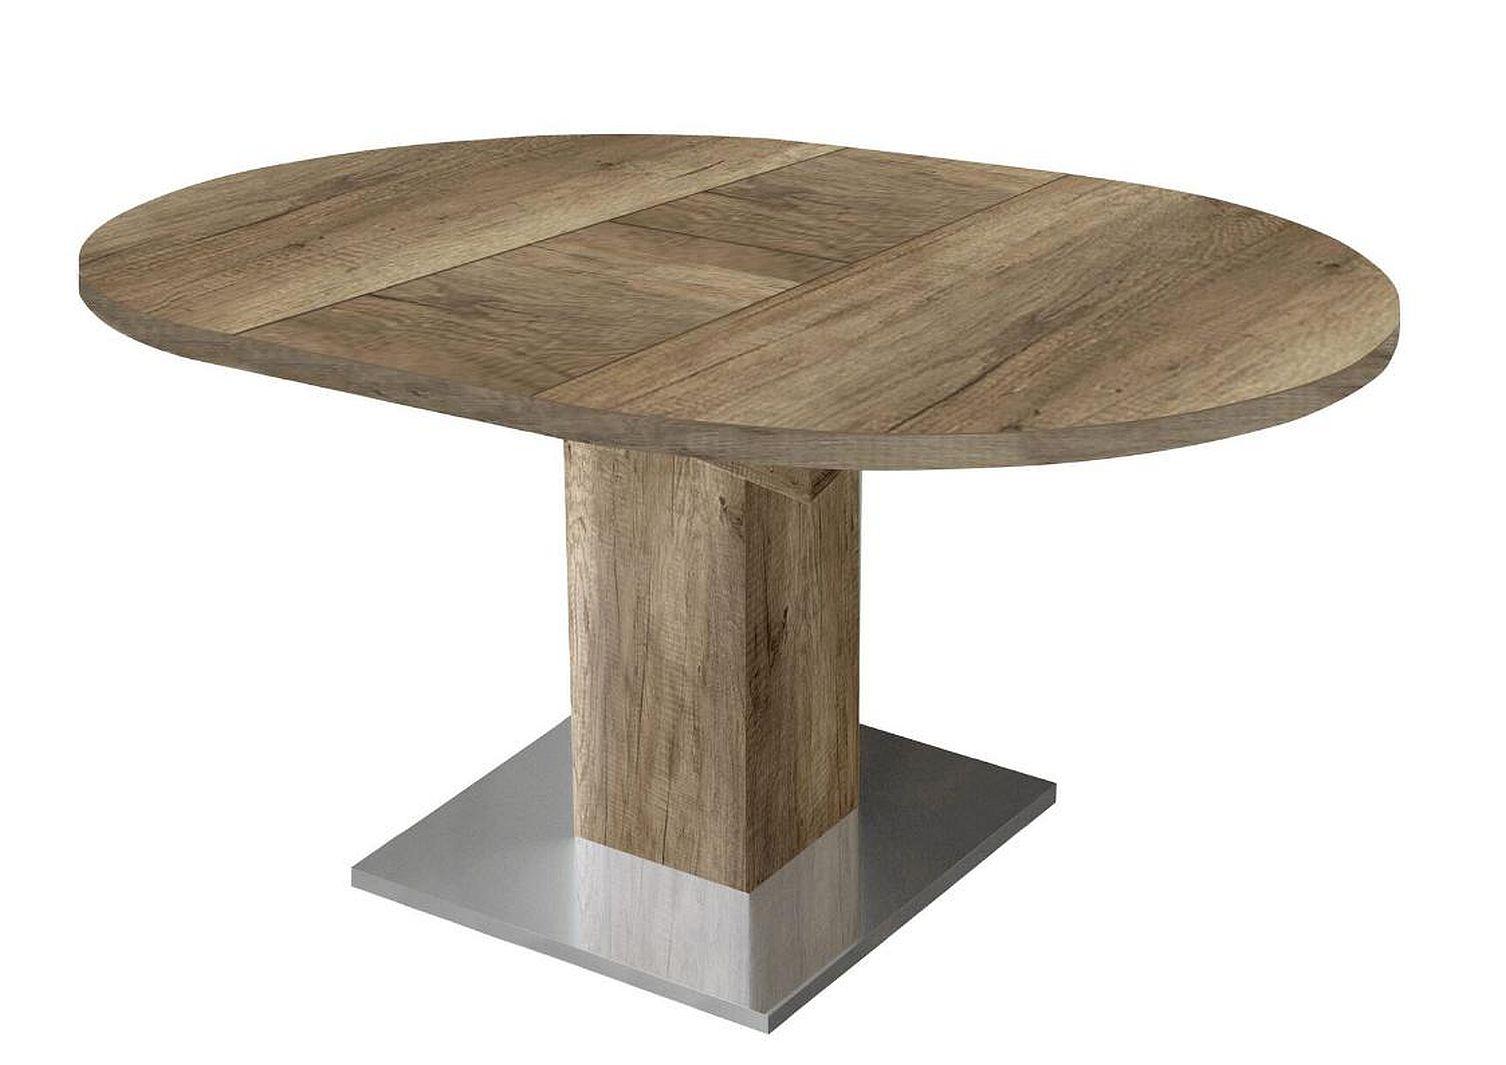 Esstisch rund runder tisch designtisch ausziehtisch for Esstisch rund designklassiker